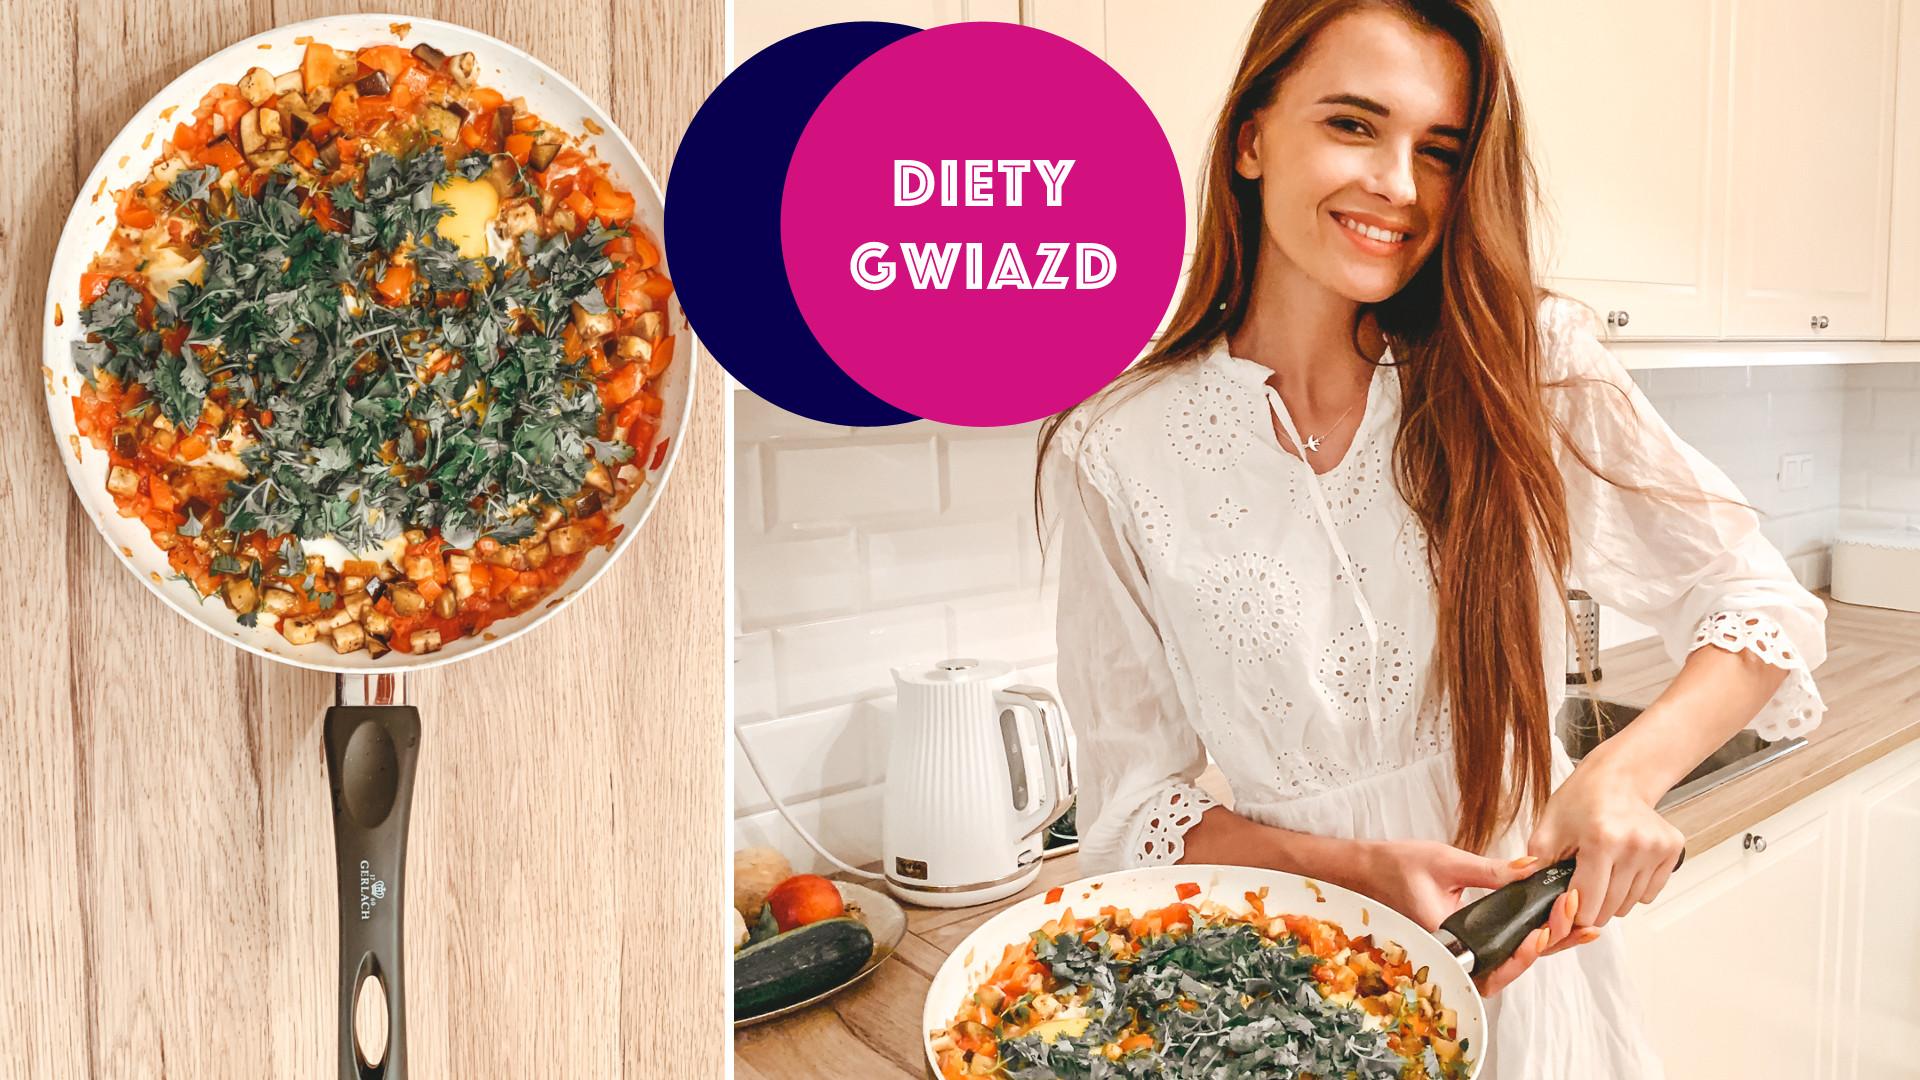 Diety gwiazd – SZAKSZUKA, czyli wielki bałagan! Dziś pożywne śniadanie modelki (VIDEO)